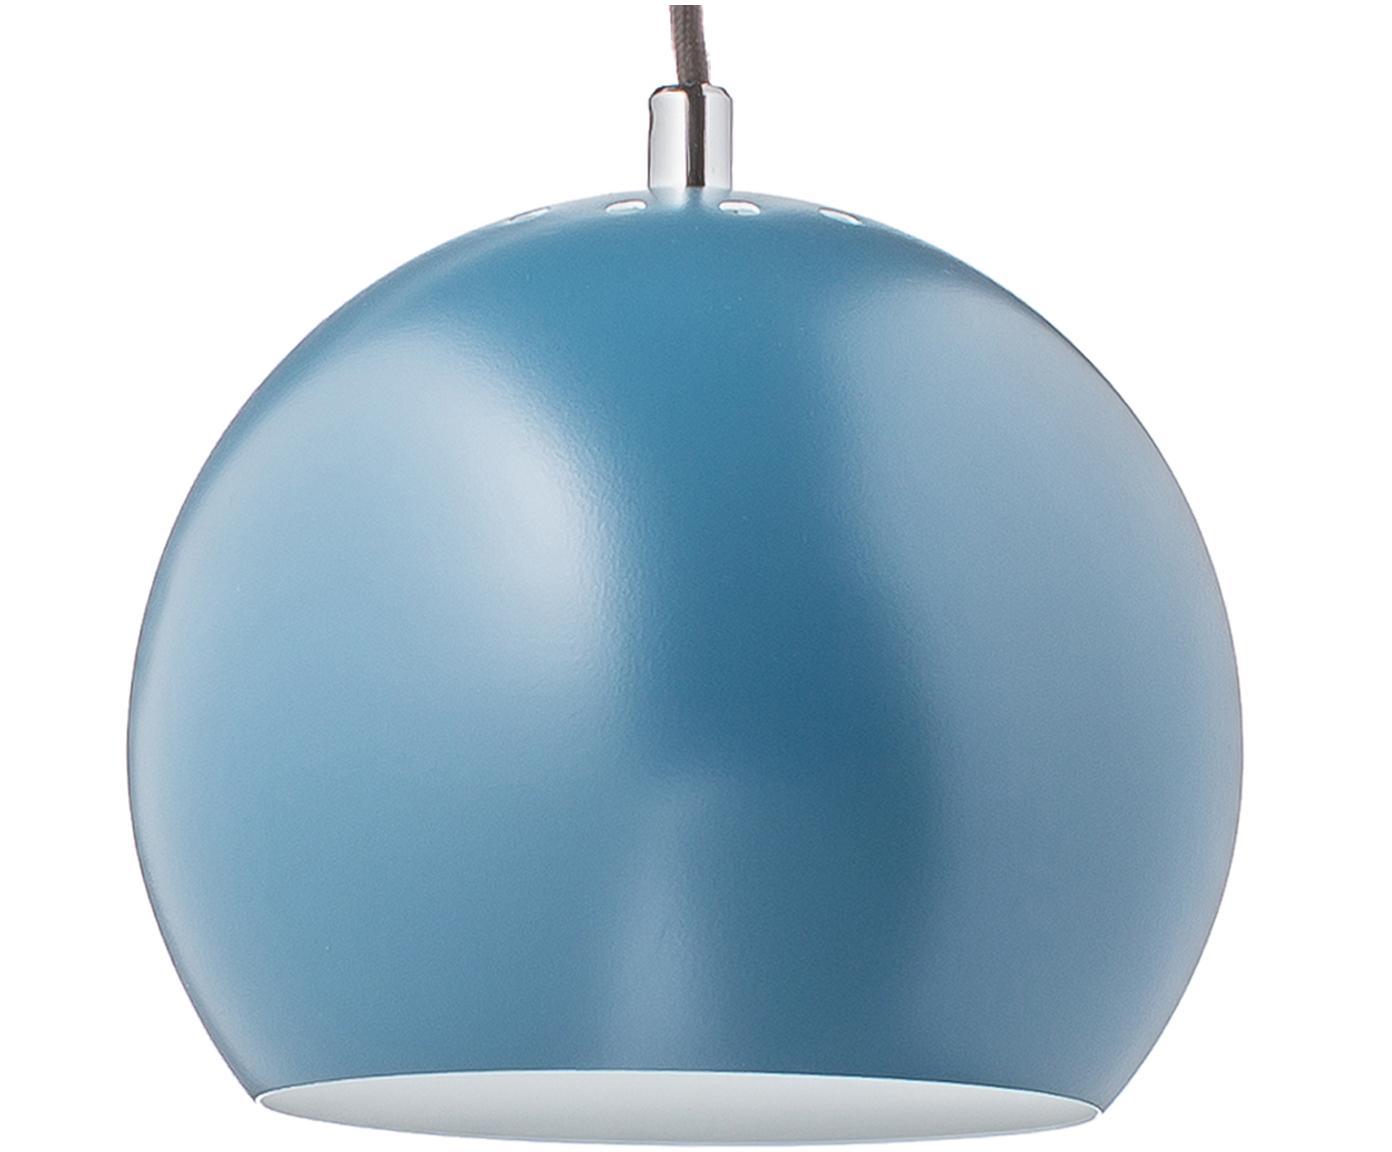 Lampa wisząca Ball, Metal malowany proszkowo, Petrol, Ø 18 x W 16 cm